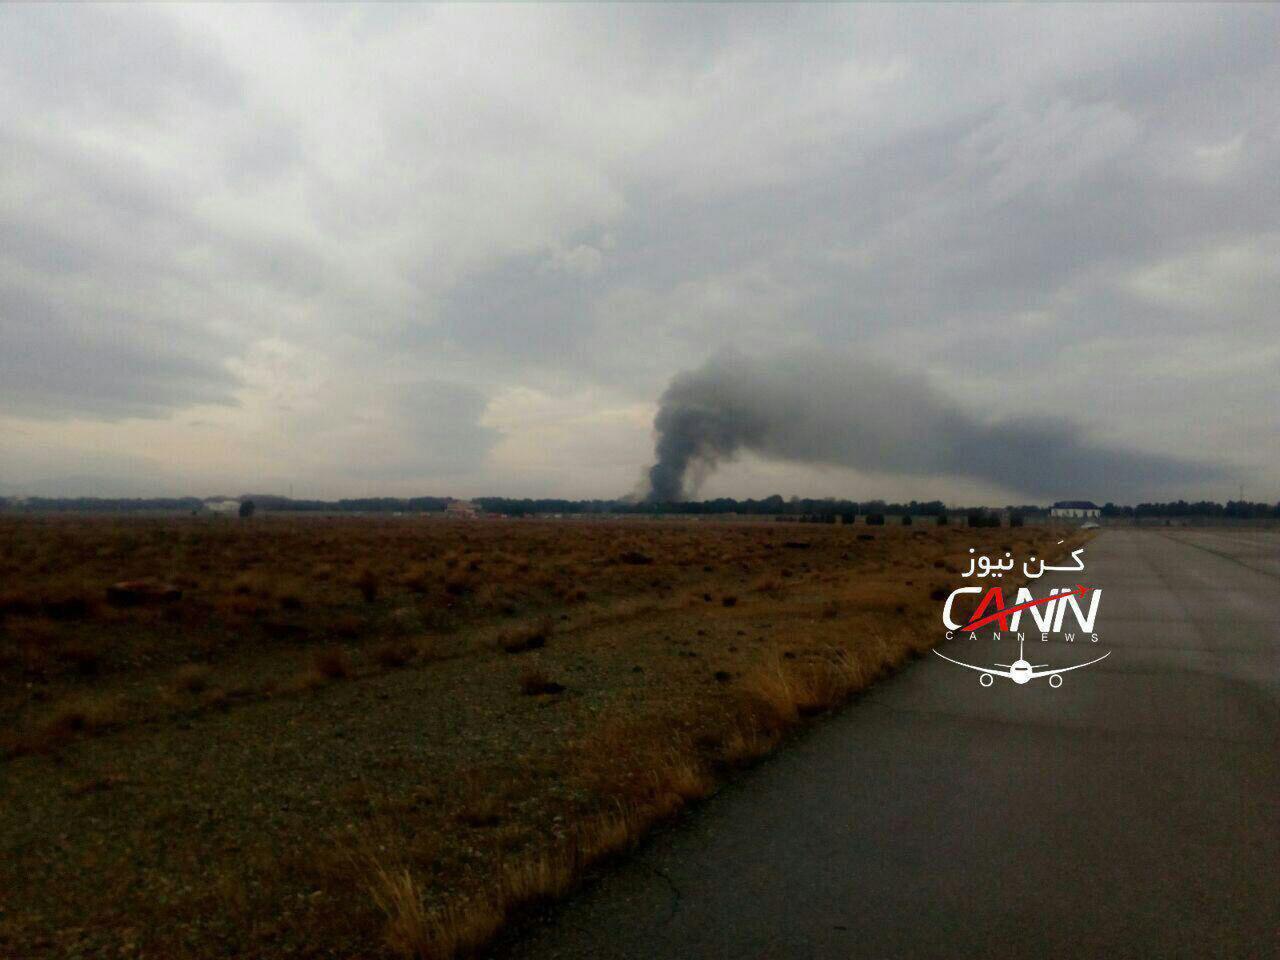 [NÓNG] Rơi gần thủ đô, Boeing-707 của quân đội Iran bốc cháy, chỉ 1 người sống sót - Ảnh 1.